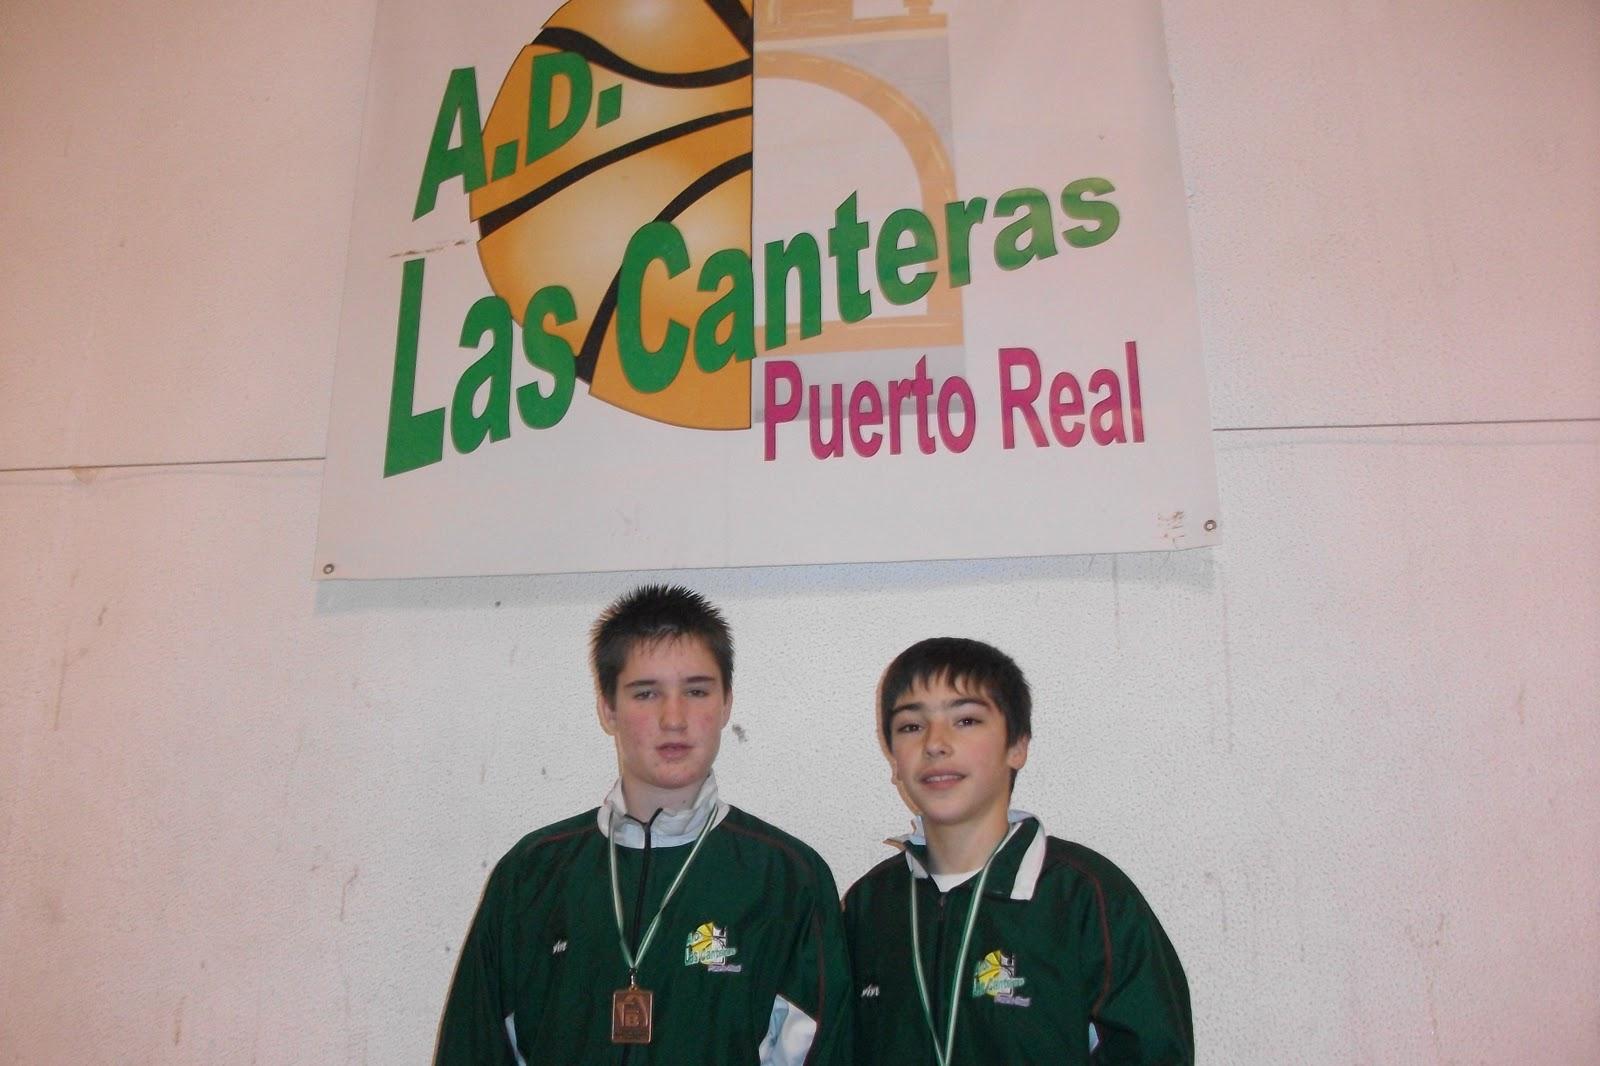 A d las canteras manuel y pablo terceros en el campeonato de andalucia selecciones minibasket - Las canteras puerto real ...